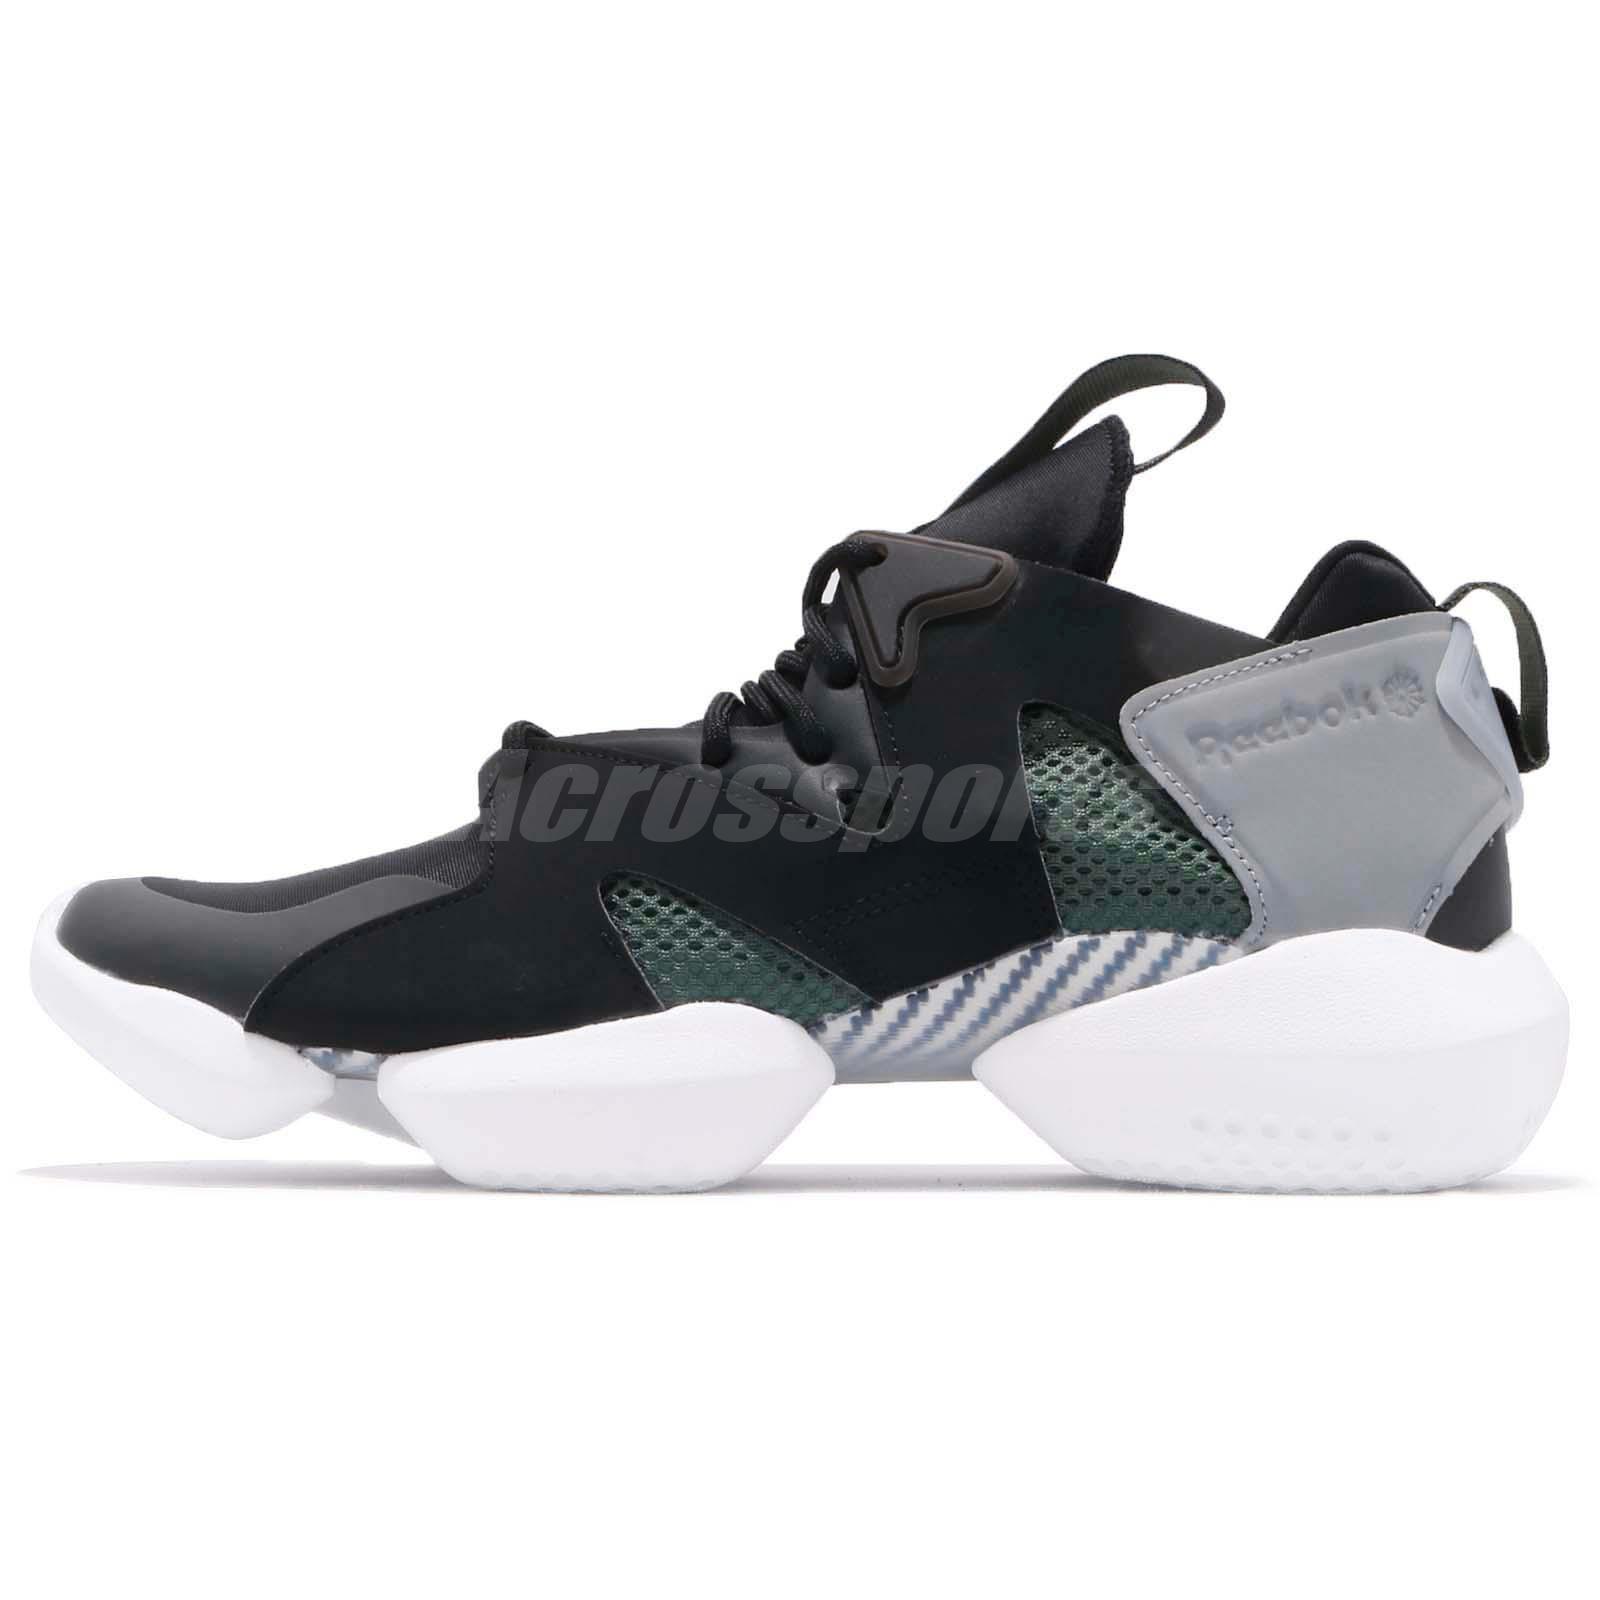 Reebok 3D OP. LITE Black Green Grey Men Lifestyle Fashion Shoes Sneakers  CN3911 4faf4ed45